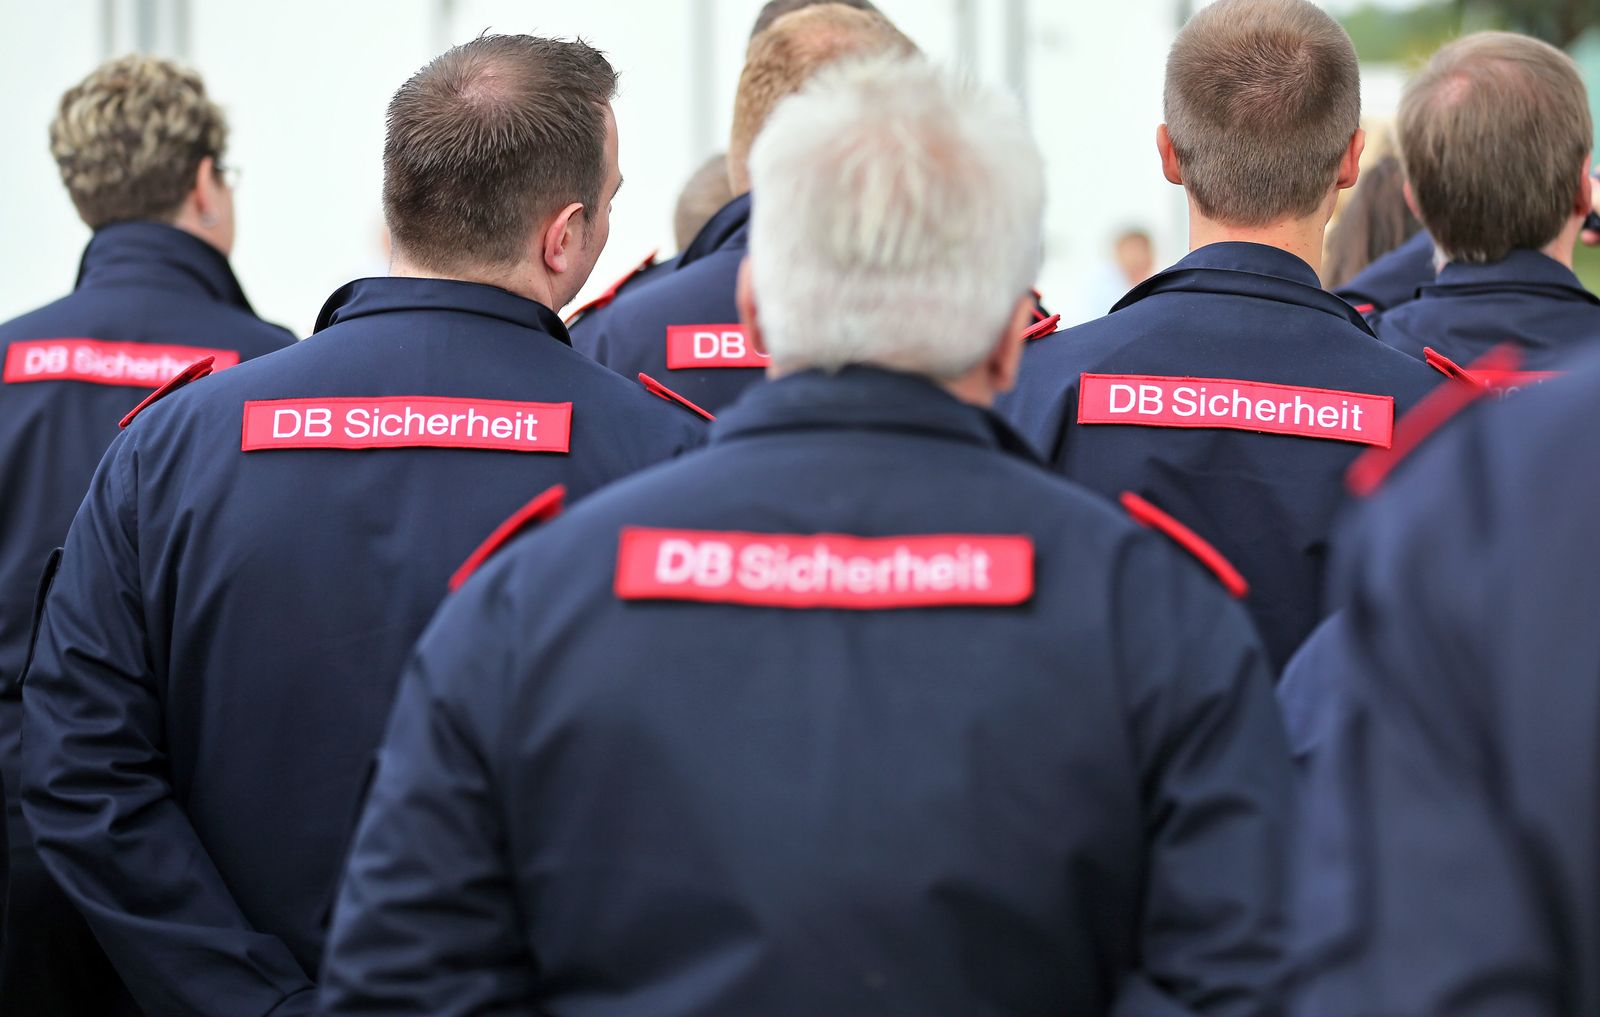 Bahn / Sicherheitspersonal